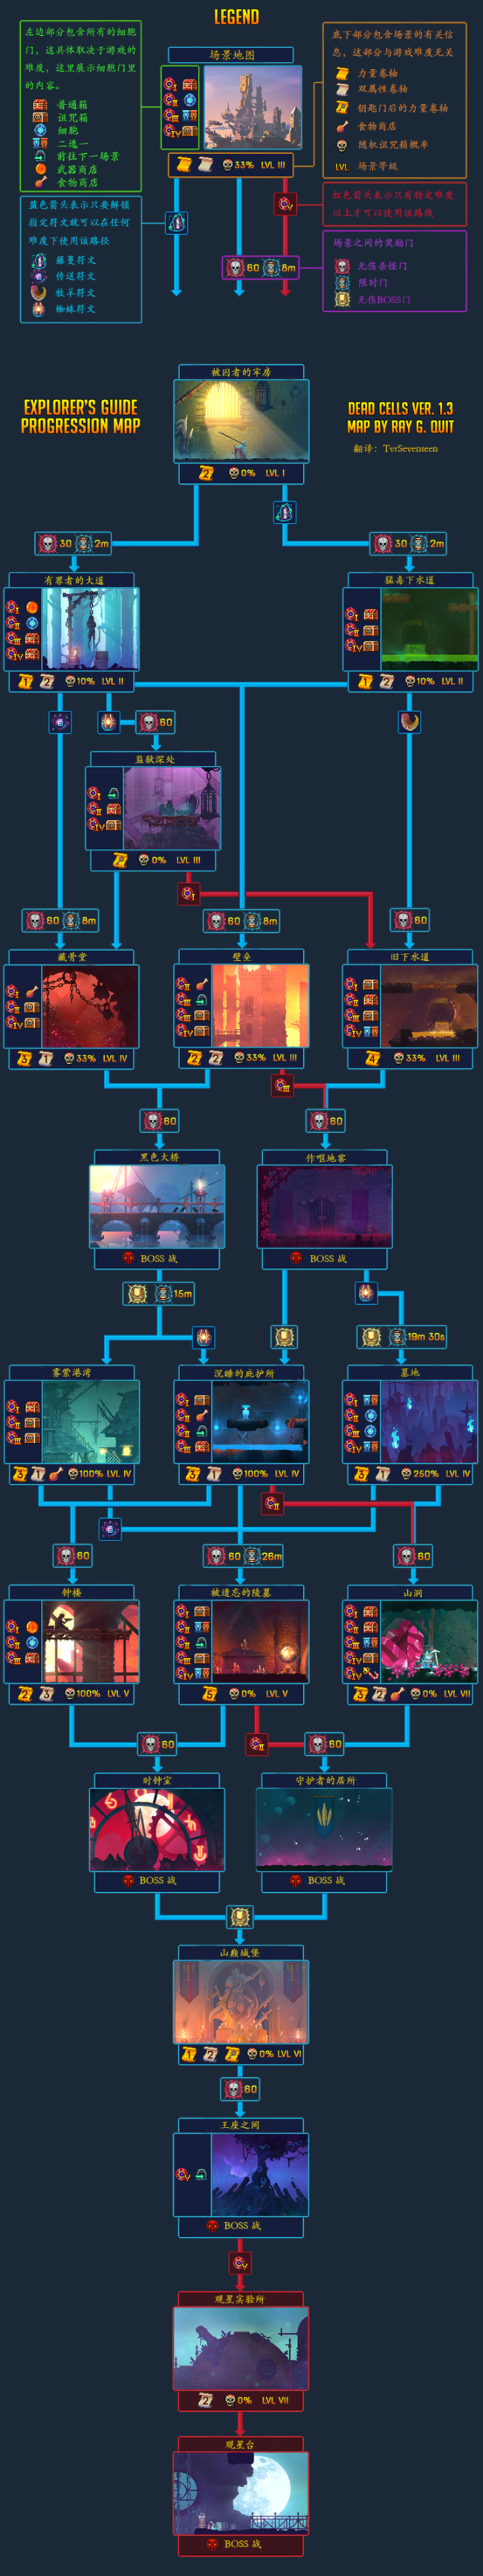 重生细胞1.2版本路线图详解 最新路线图一览